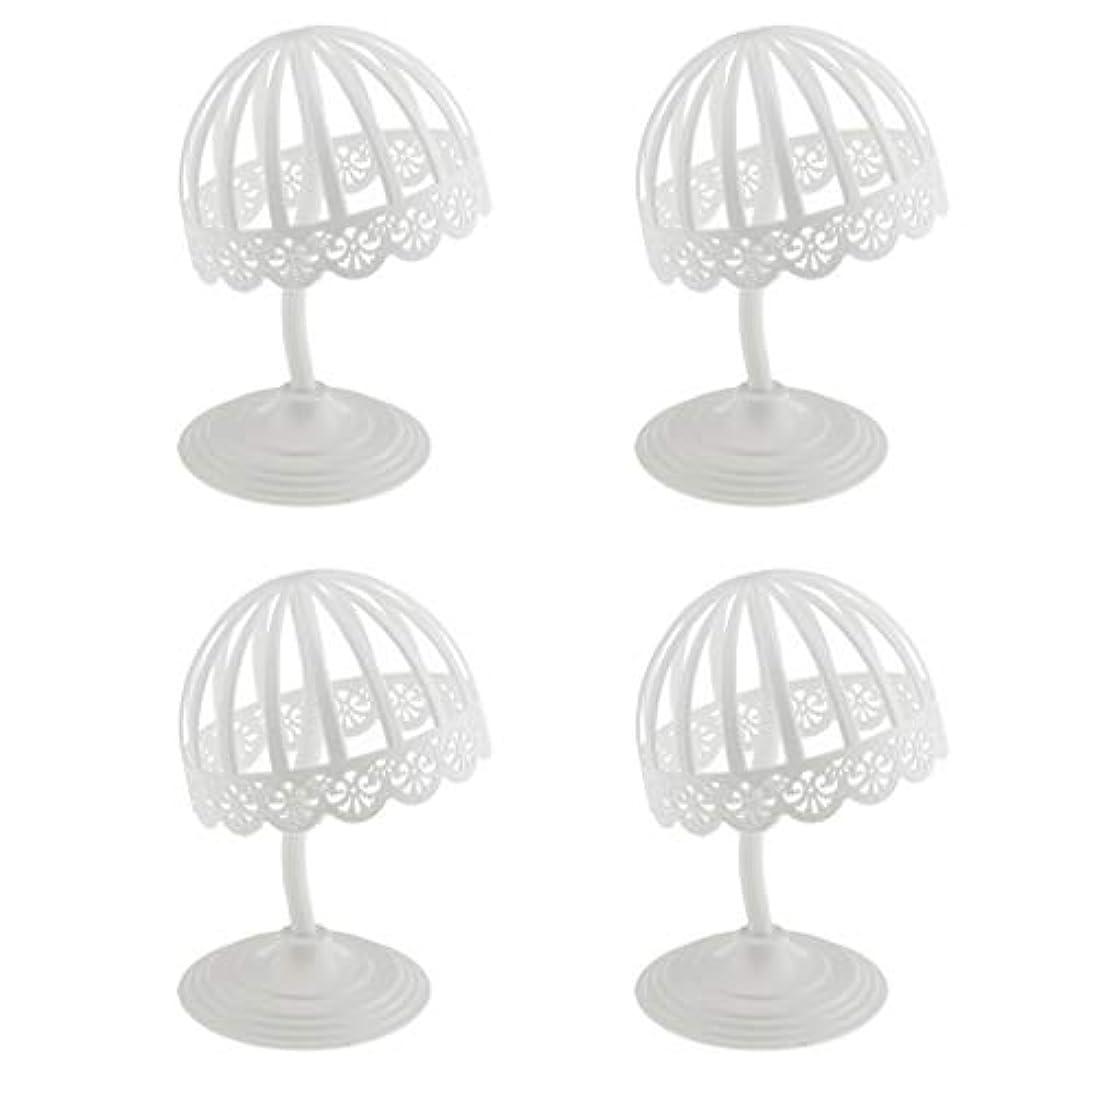 雷雨常識過半数Perfeclan 4個セット ウィッグ スタンド 帽子 収納 ディスプレイ ホルダー プラスチック製 ホワイト